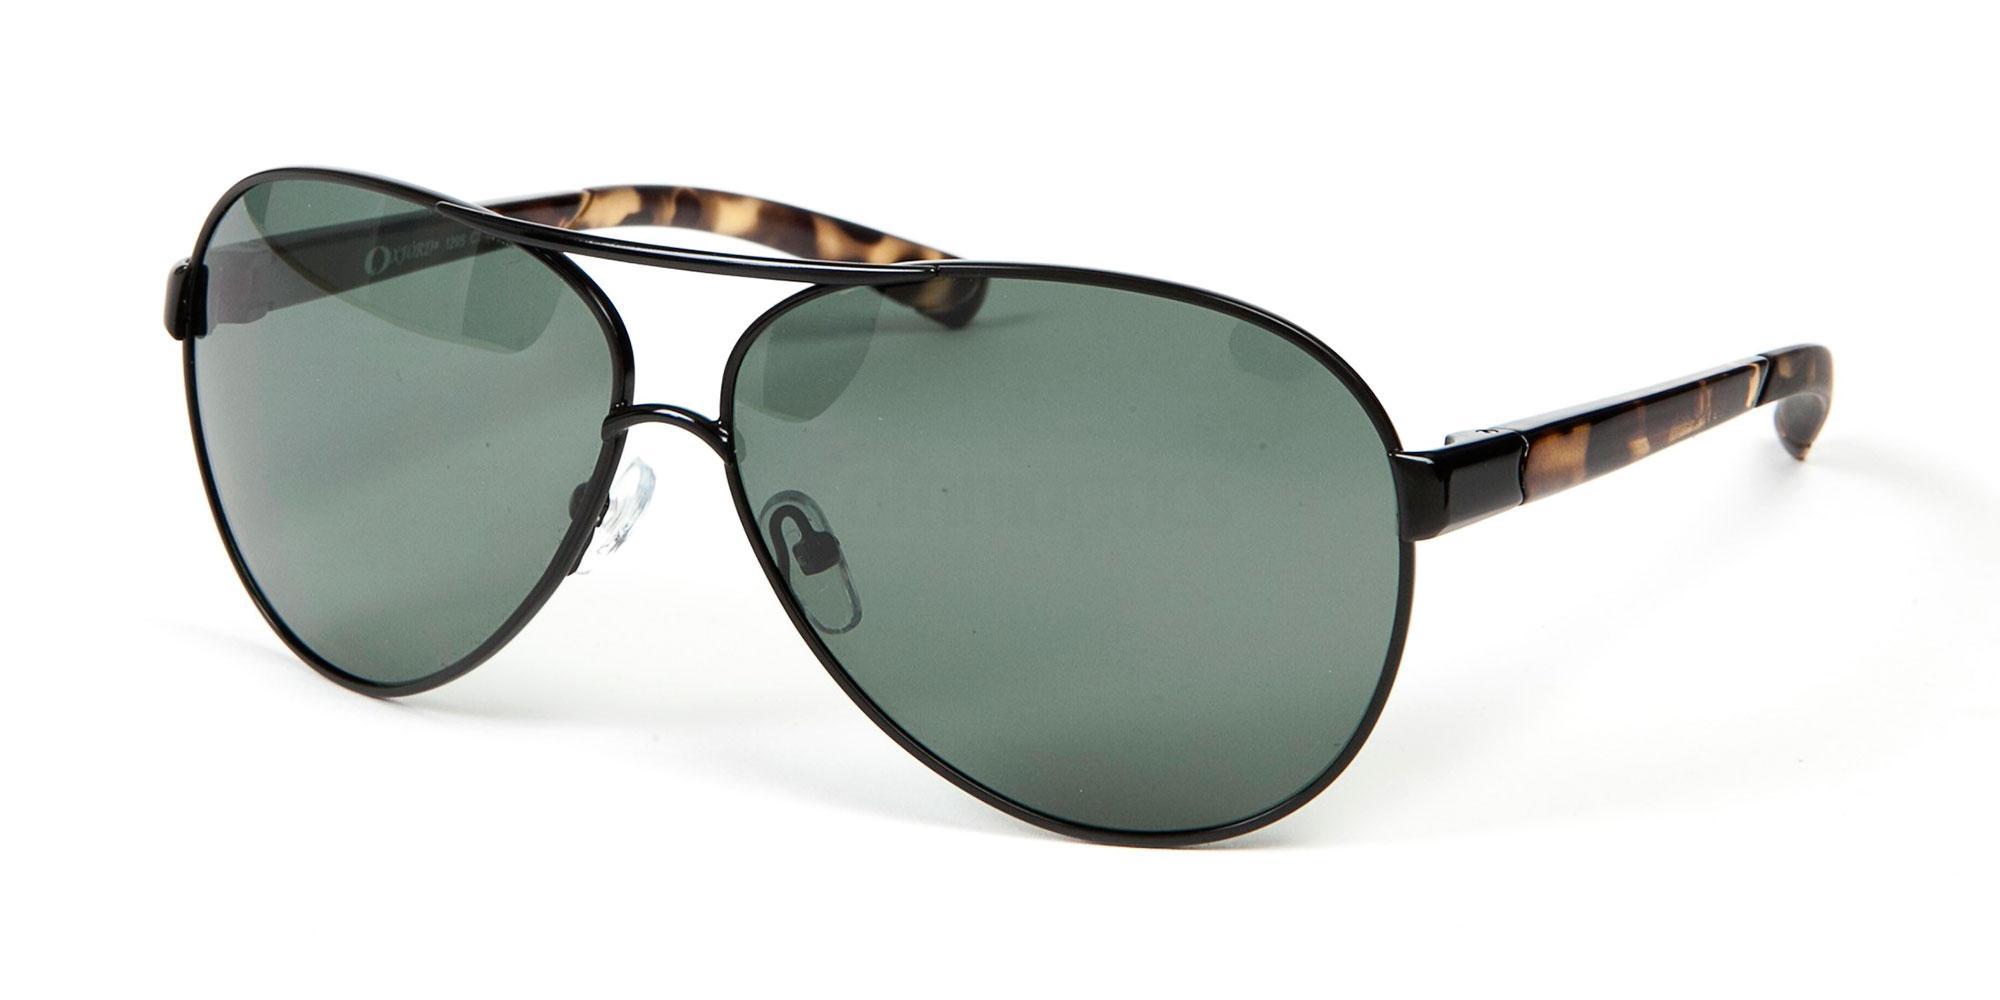 C1 129S Sunglasses, Oxford